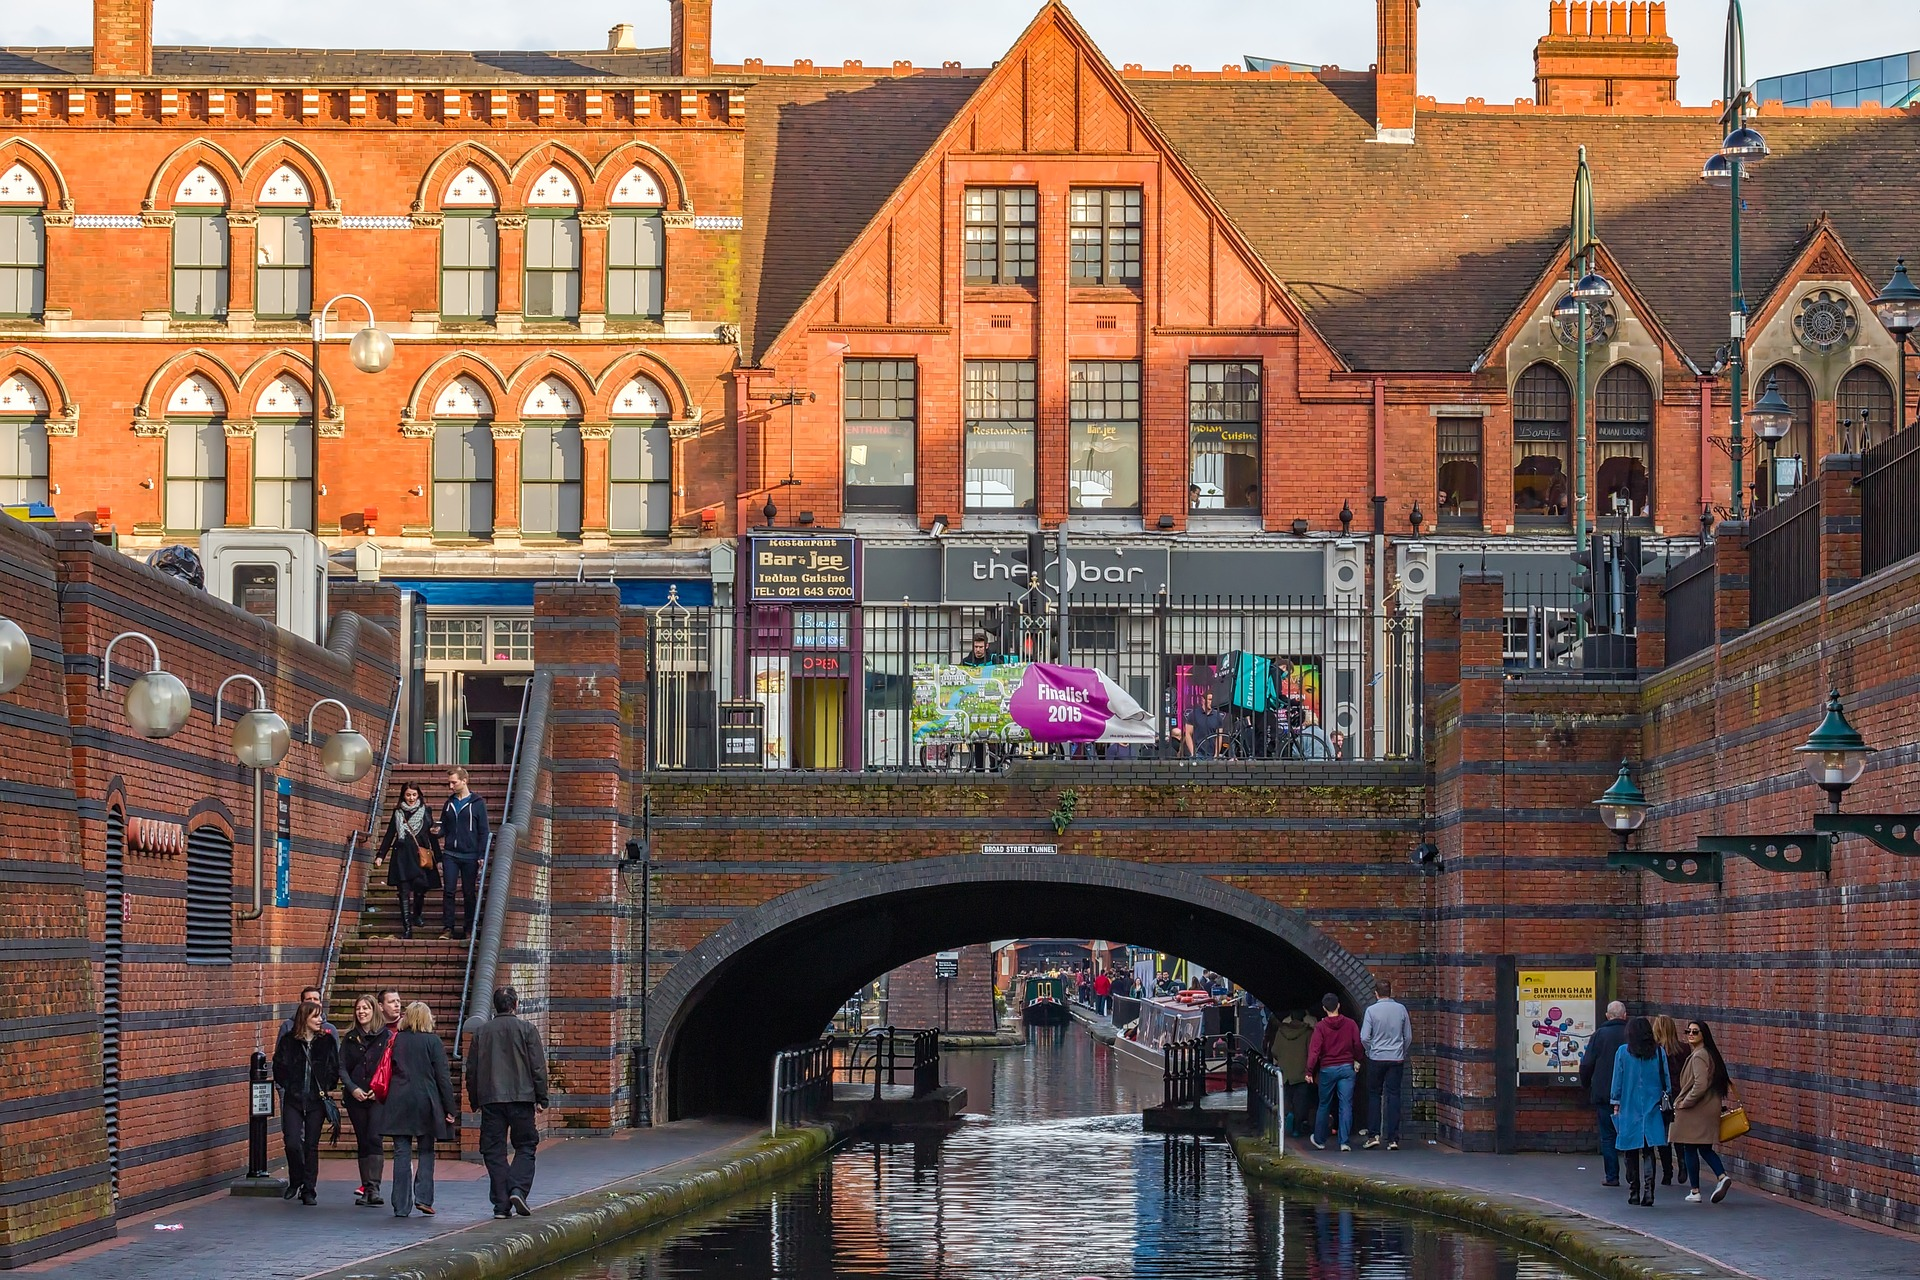 バーミンガム観光スポット17選!穴場の観光都市!運河ツアーも人気!